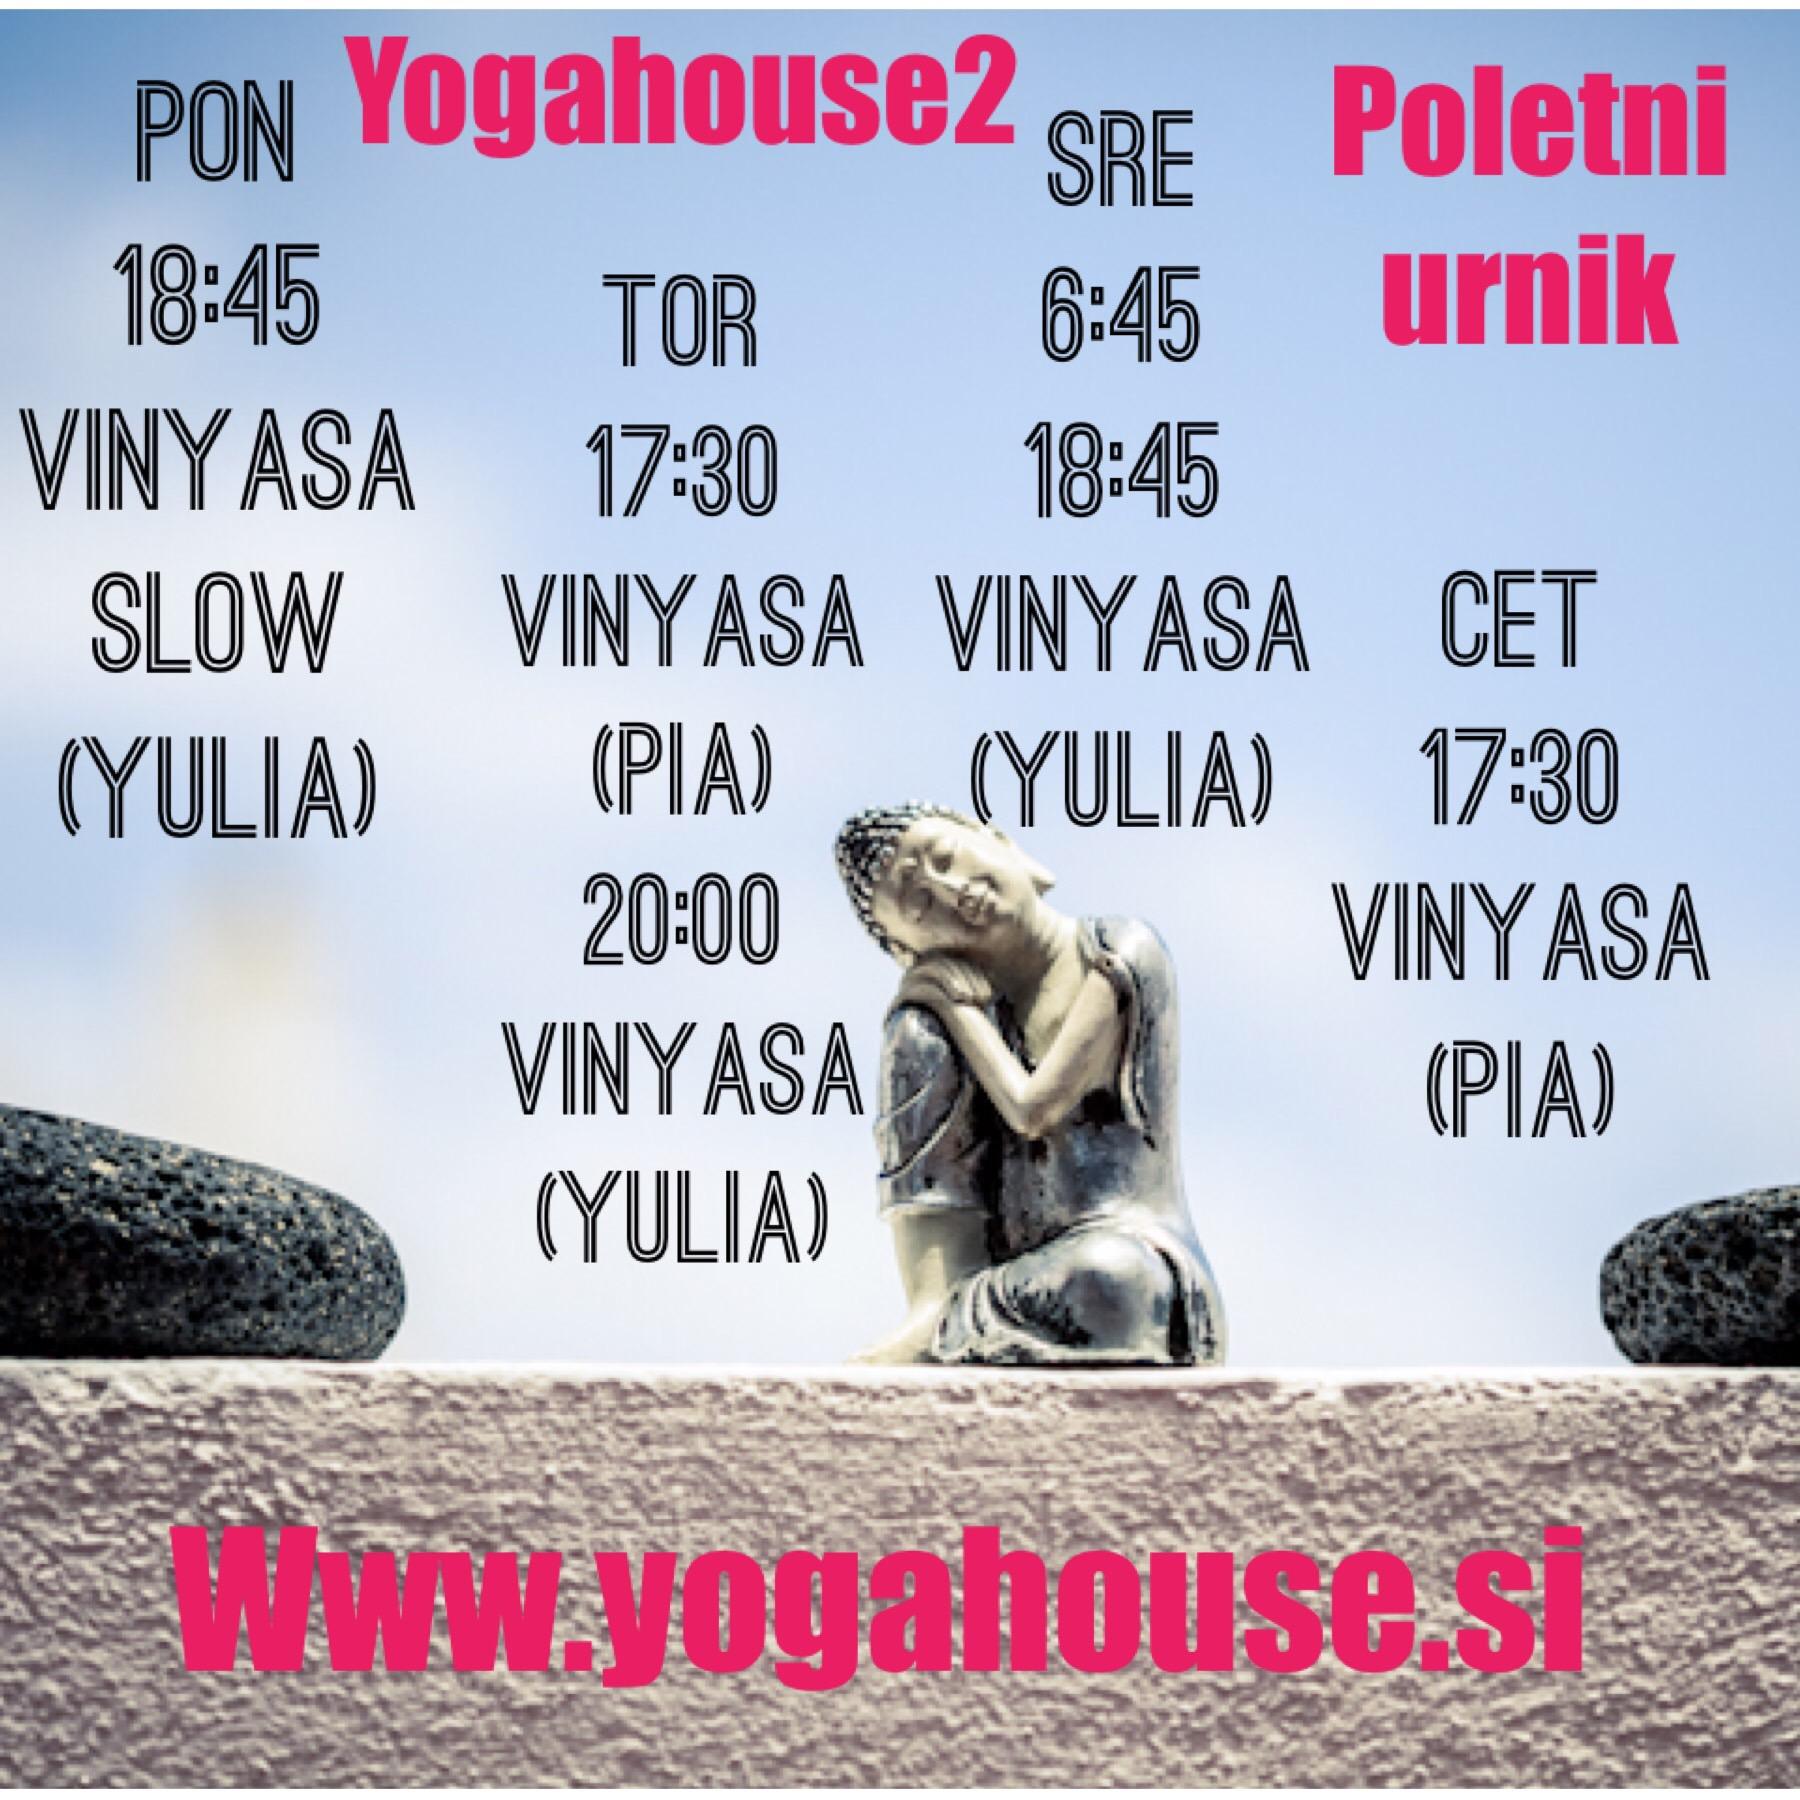 Shakti Yogahouse joga urnik poletje 2019